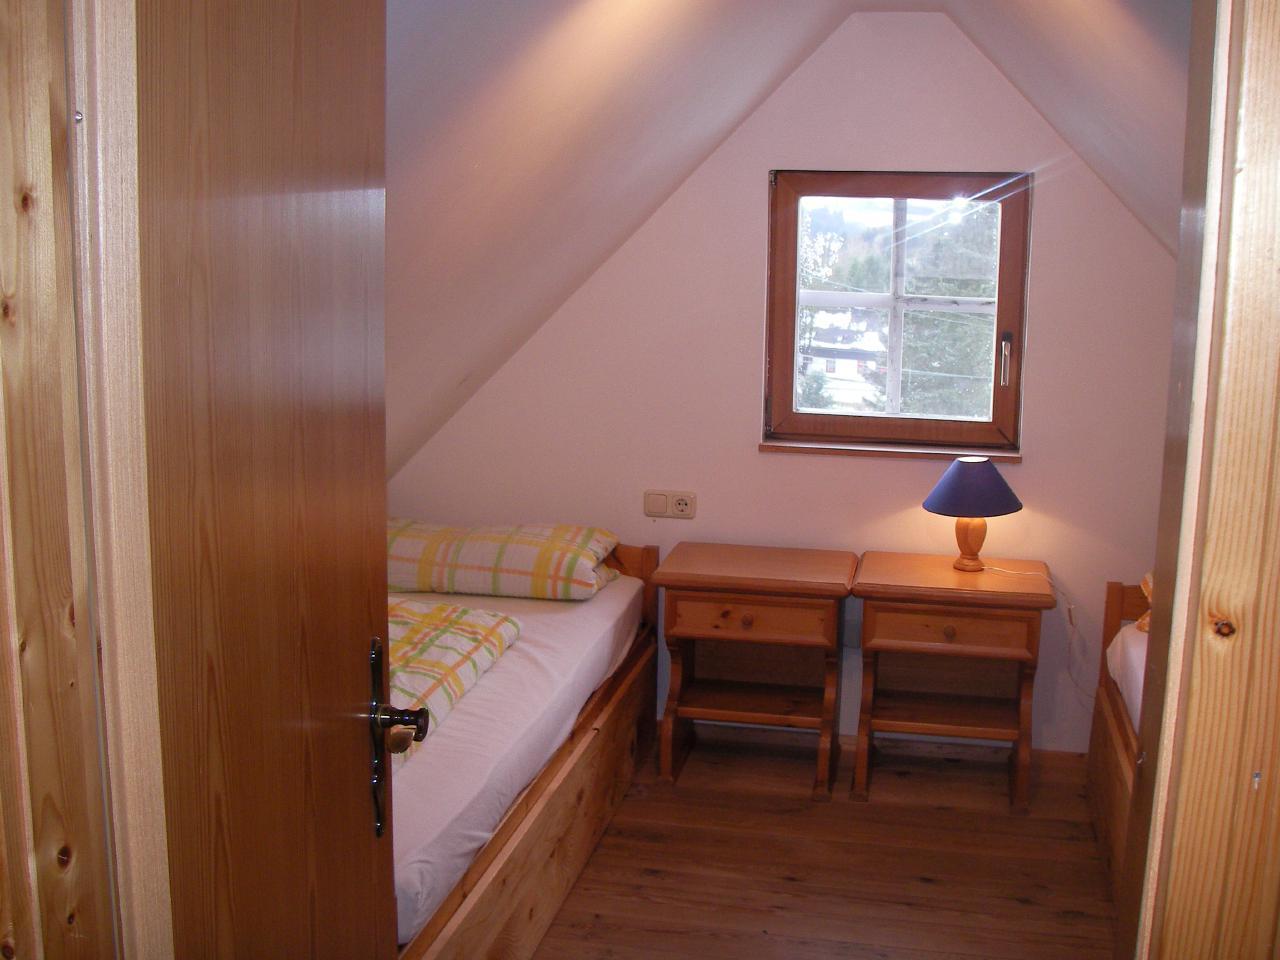 Ferienhaus Haus Hermann (993408), Presseck, Frankenwald, Bayern, Deutschland, Bild 12